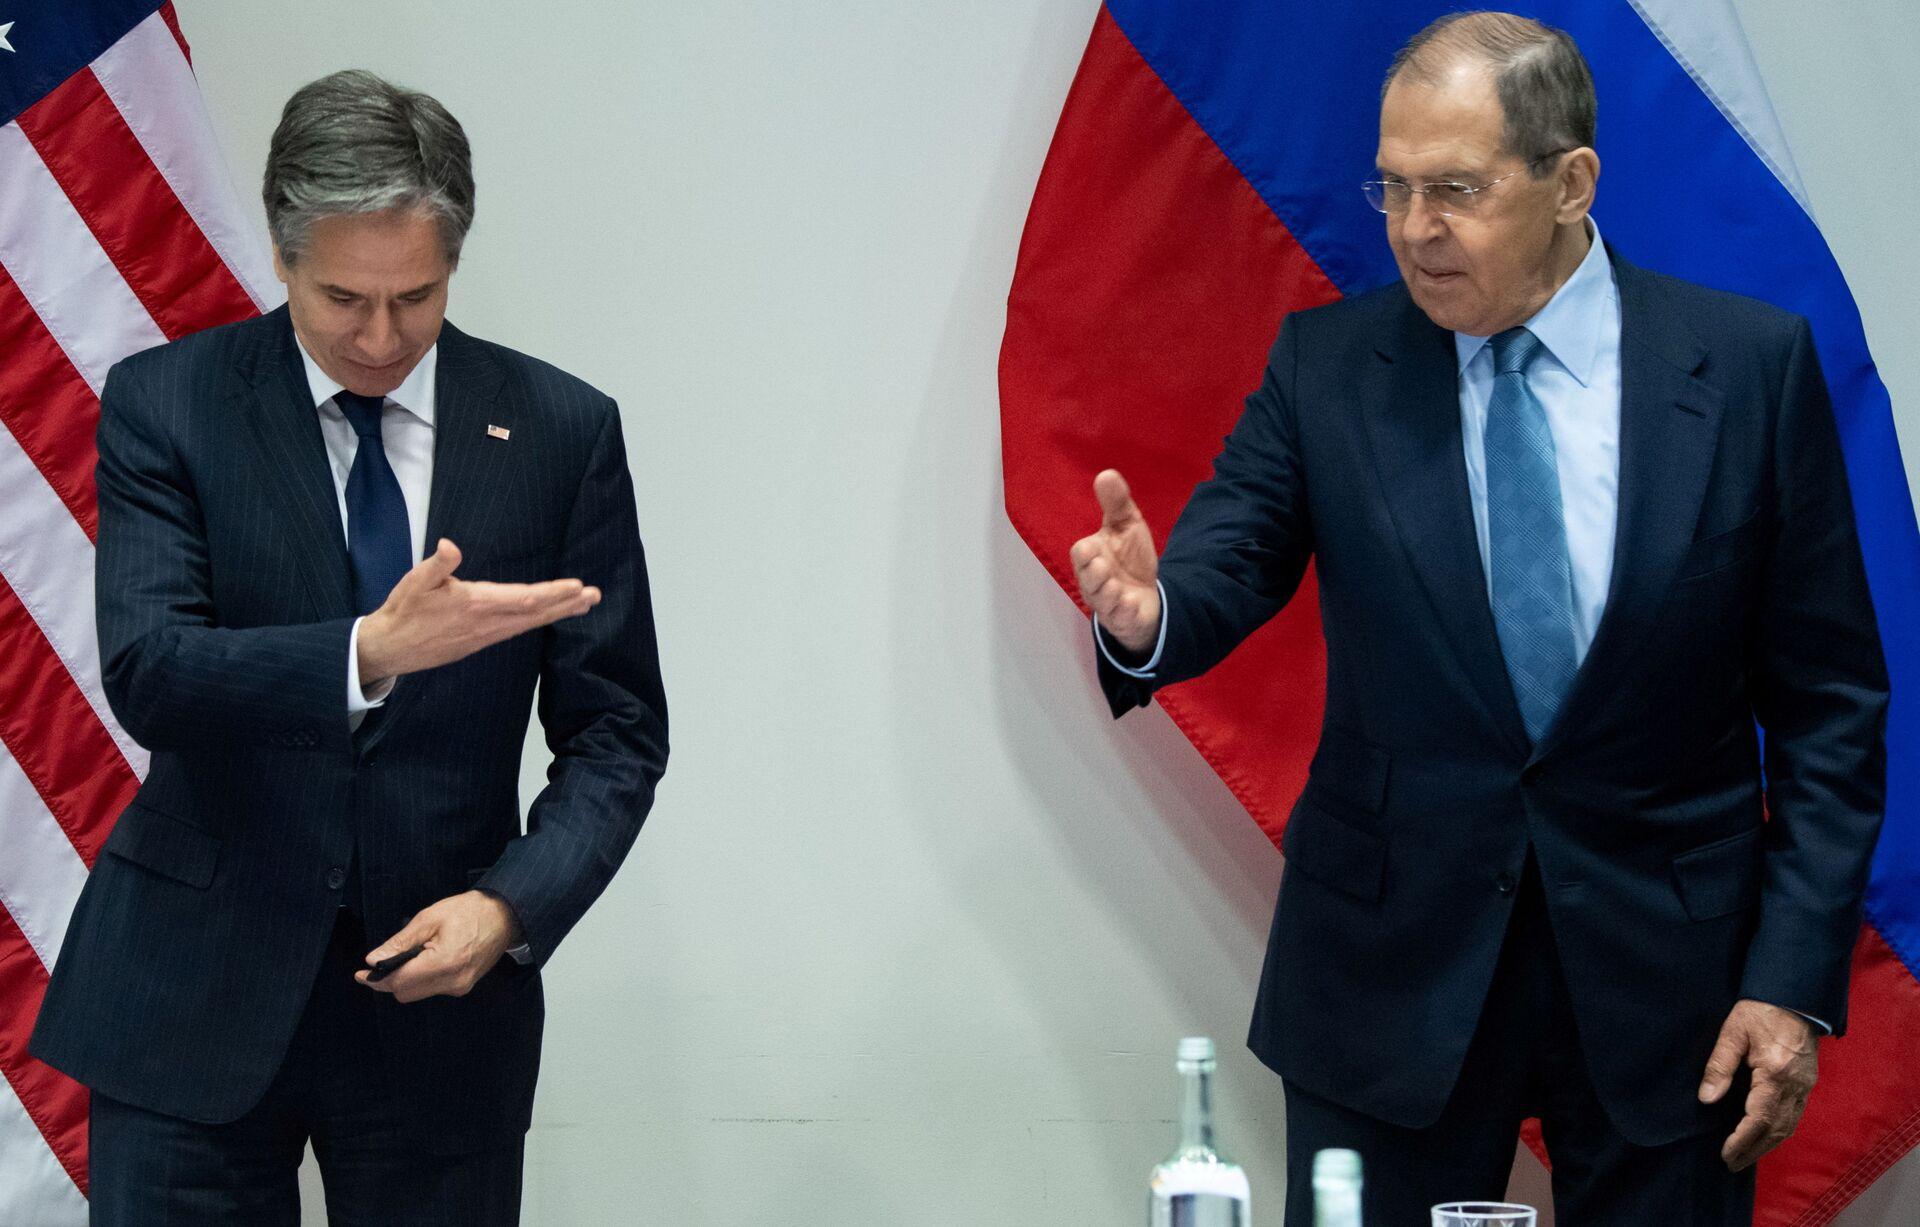 Ngoại trưởng Nga Sergei Lavrov và Ngoại trưởng Hoa Kỳ Antony Blinken - Sputnik Việt Nam, 1920, 05.10.2021